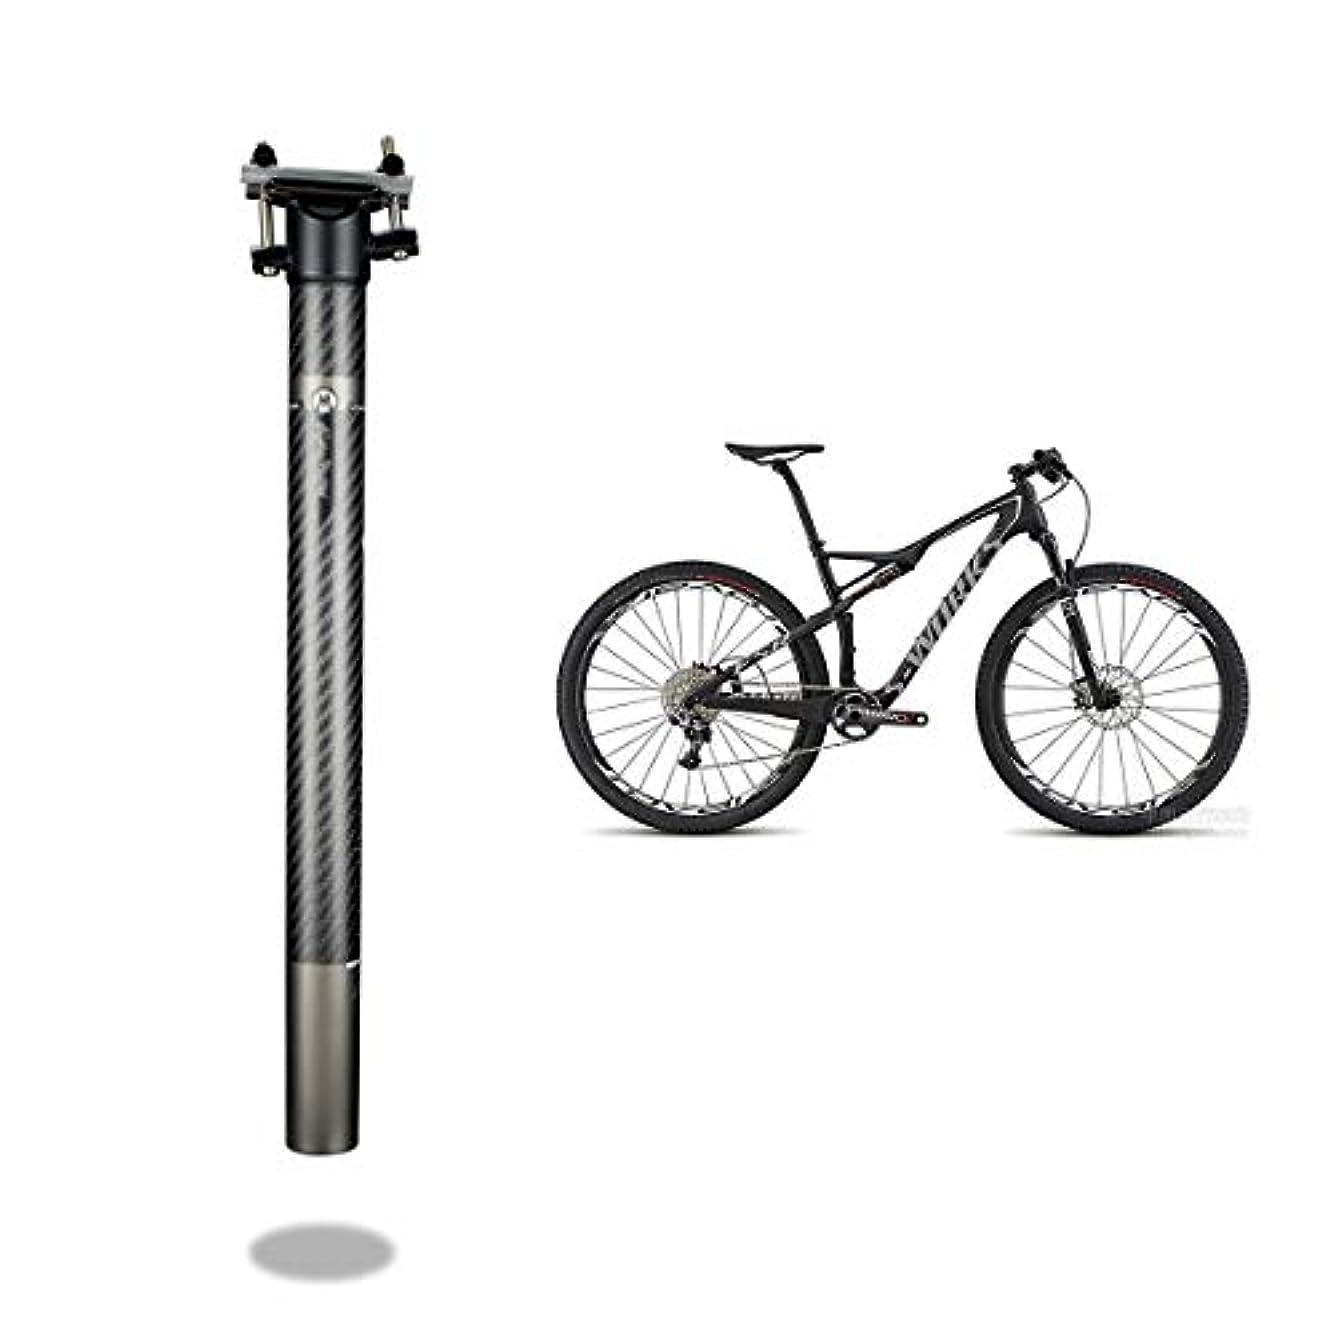 顎証人ごちそうMTBロードバイクBMX用自転車シートポスト27.2mm 30.8mm 31.6mm x 350mm / 400mmフルカーボンファイバーシートポスト(A06)